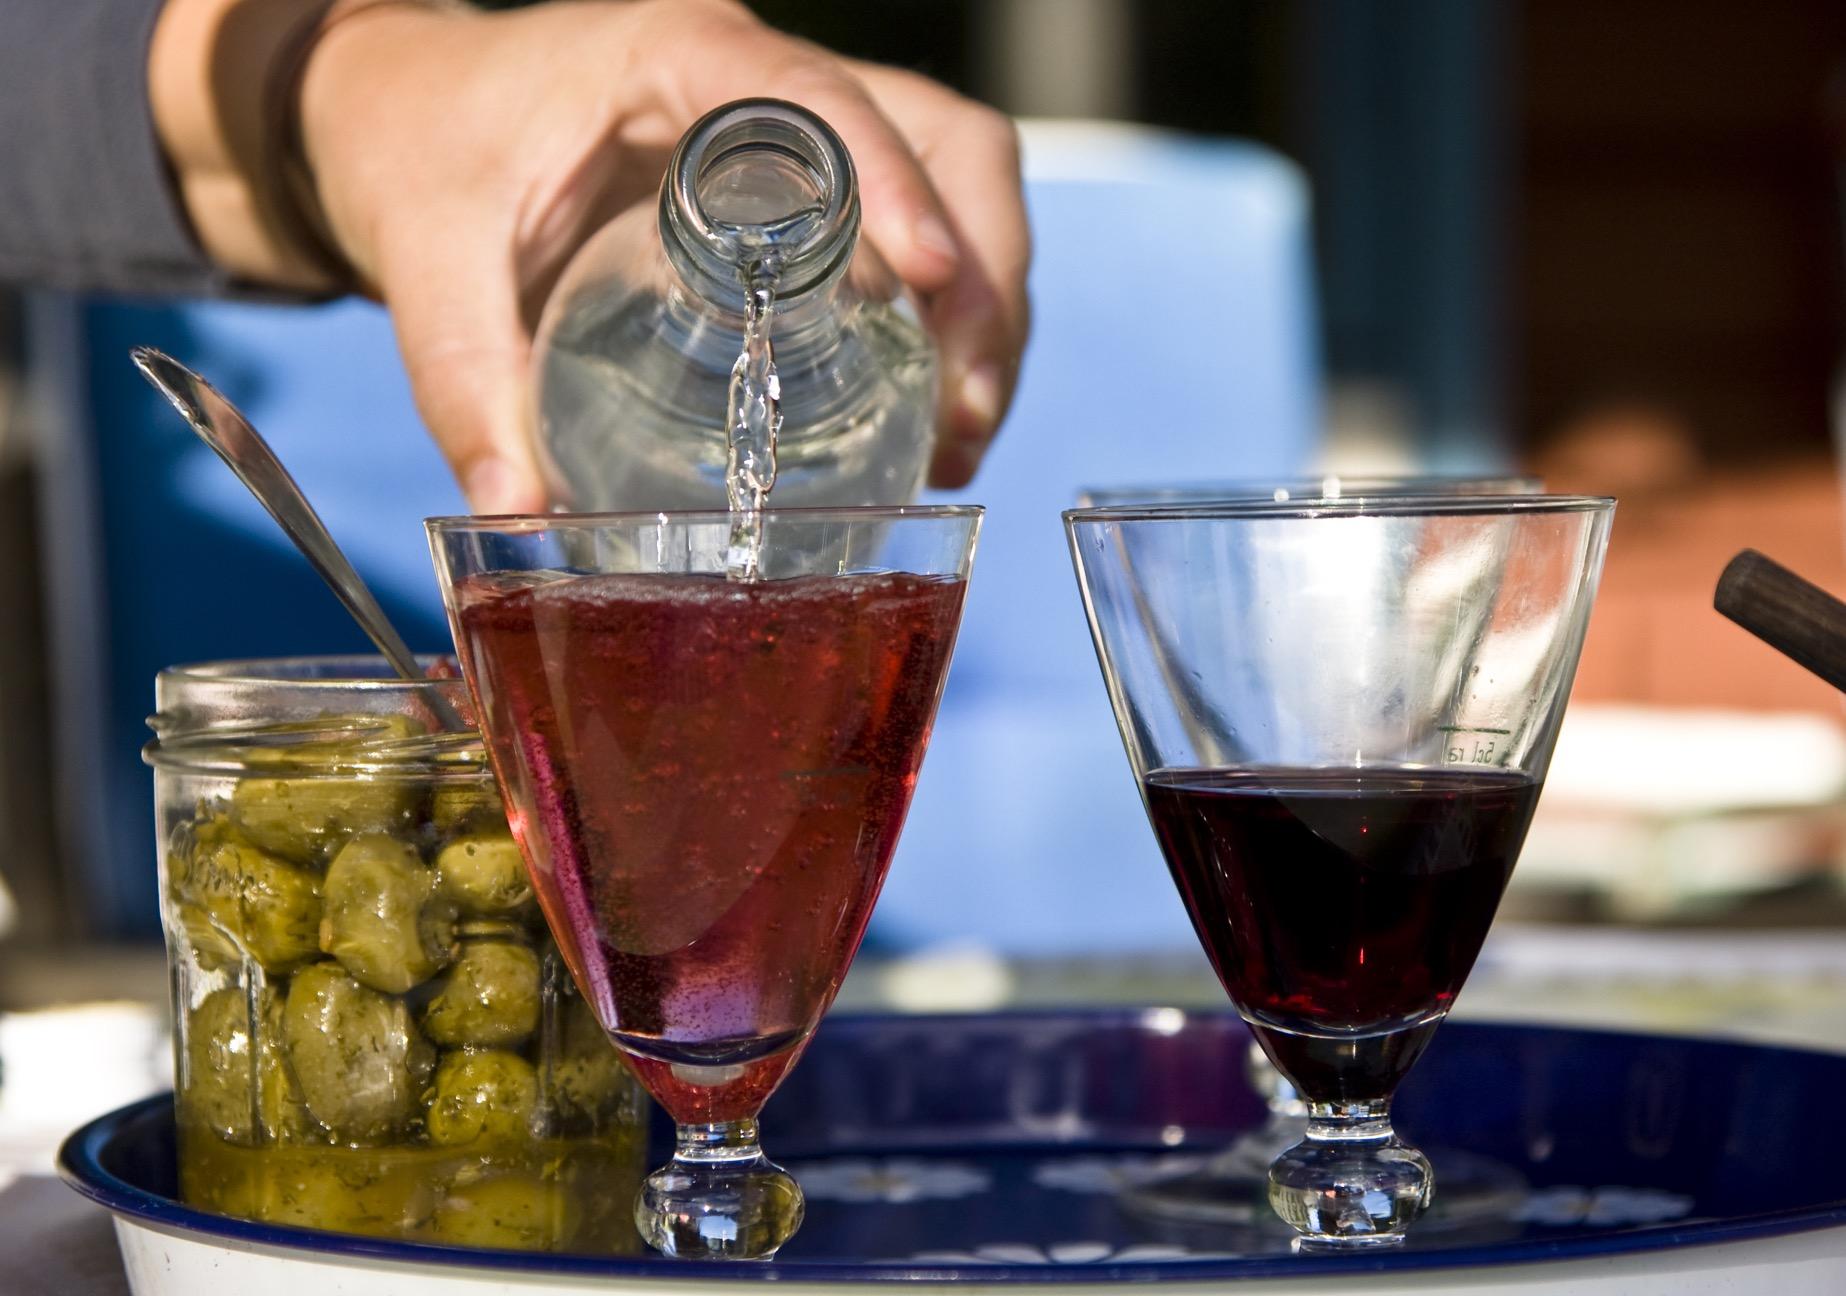 ヨーロッパ地方で浸透しているワインの水割りについてご紹介